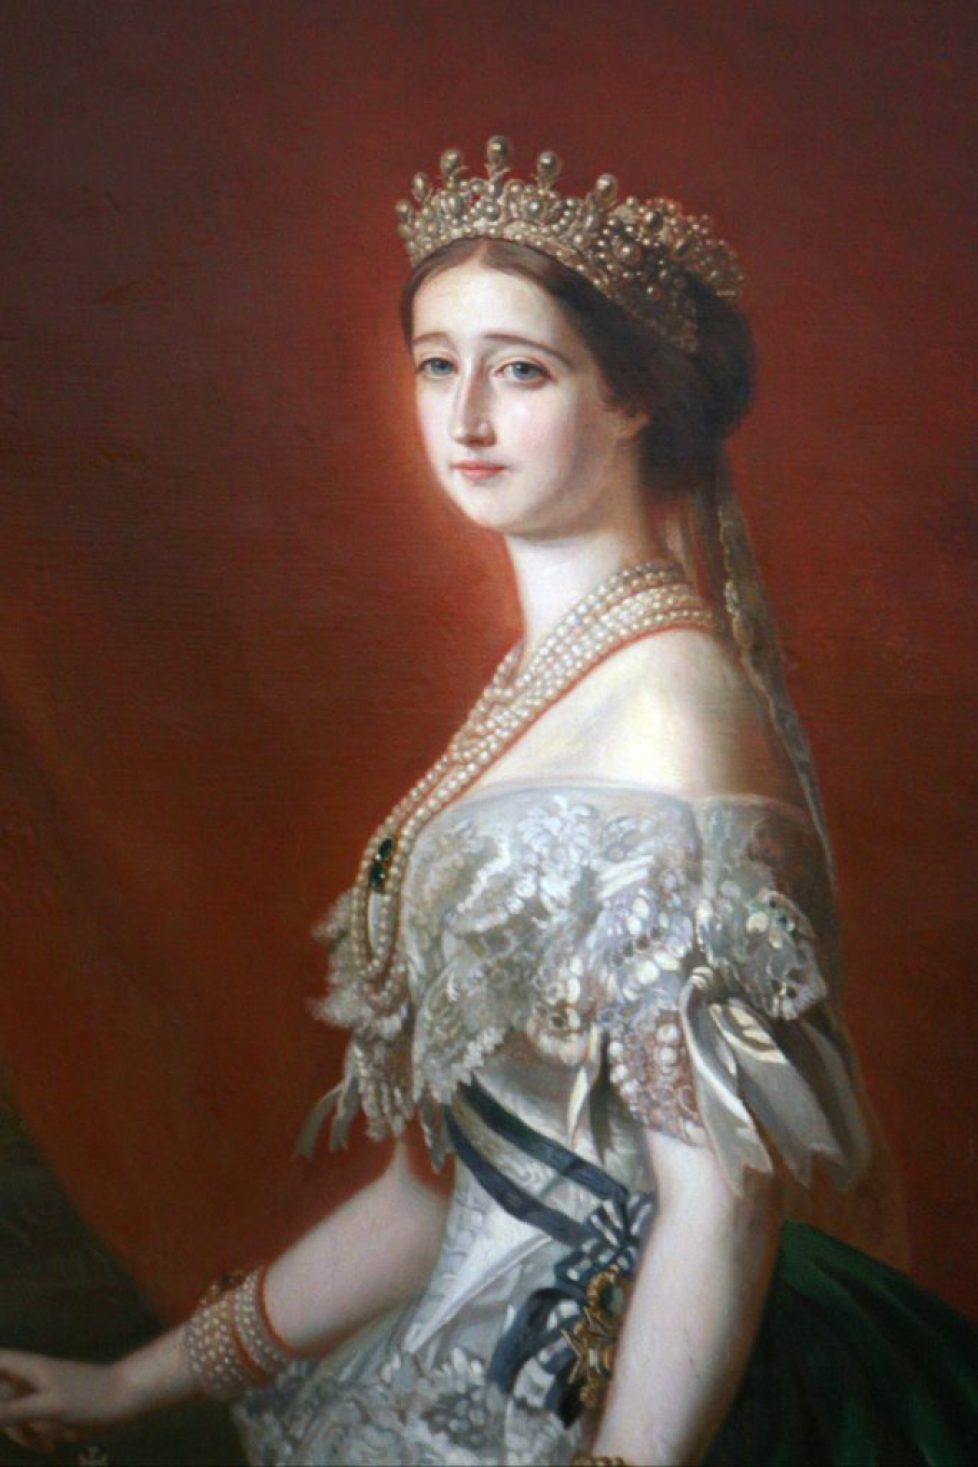 Empress_Eugenie-Winterhalter-Billet_mg_6158